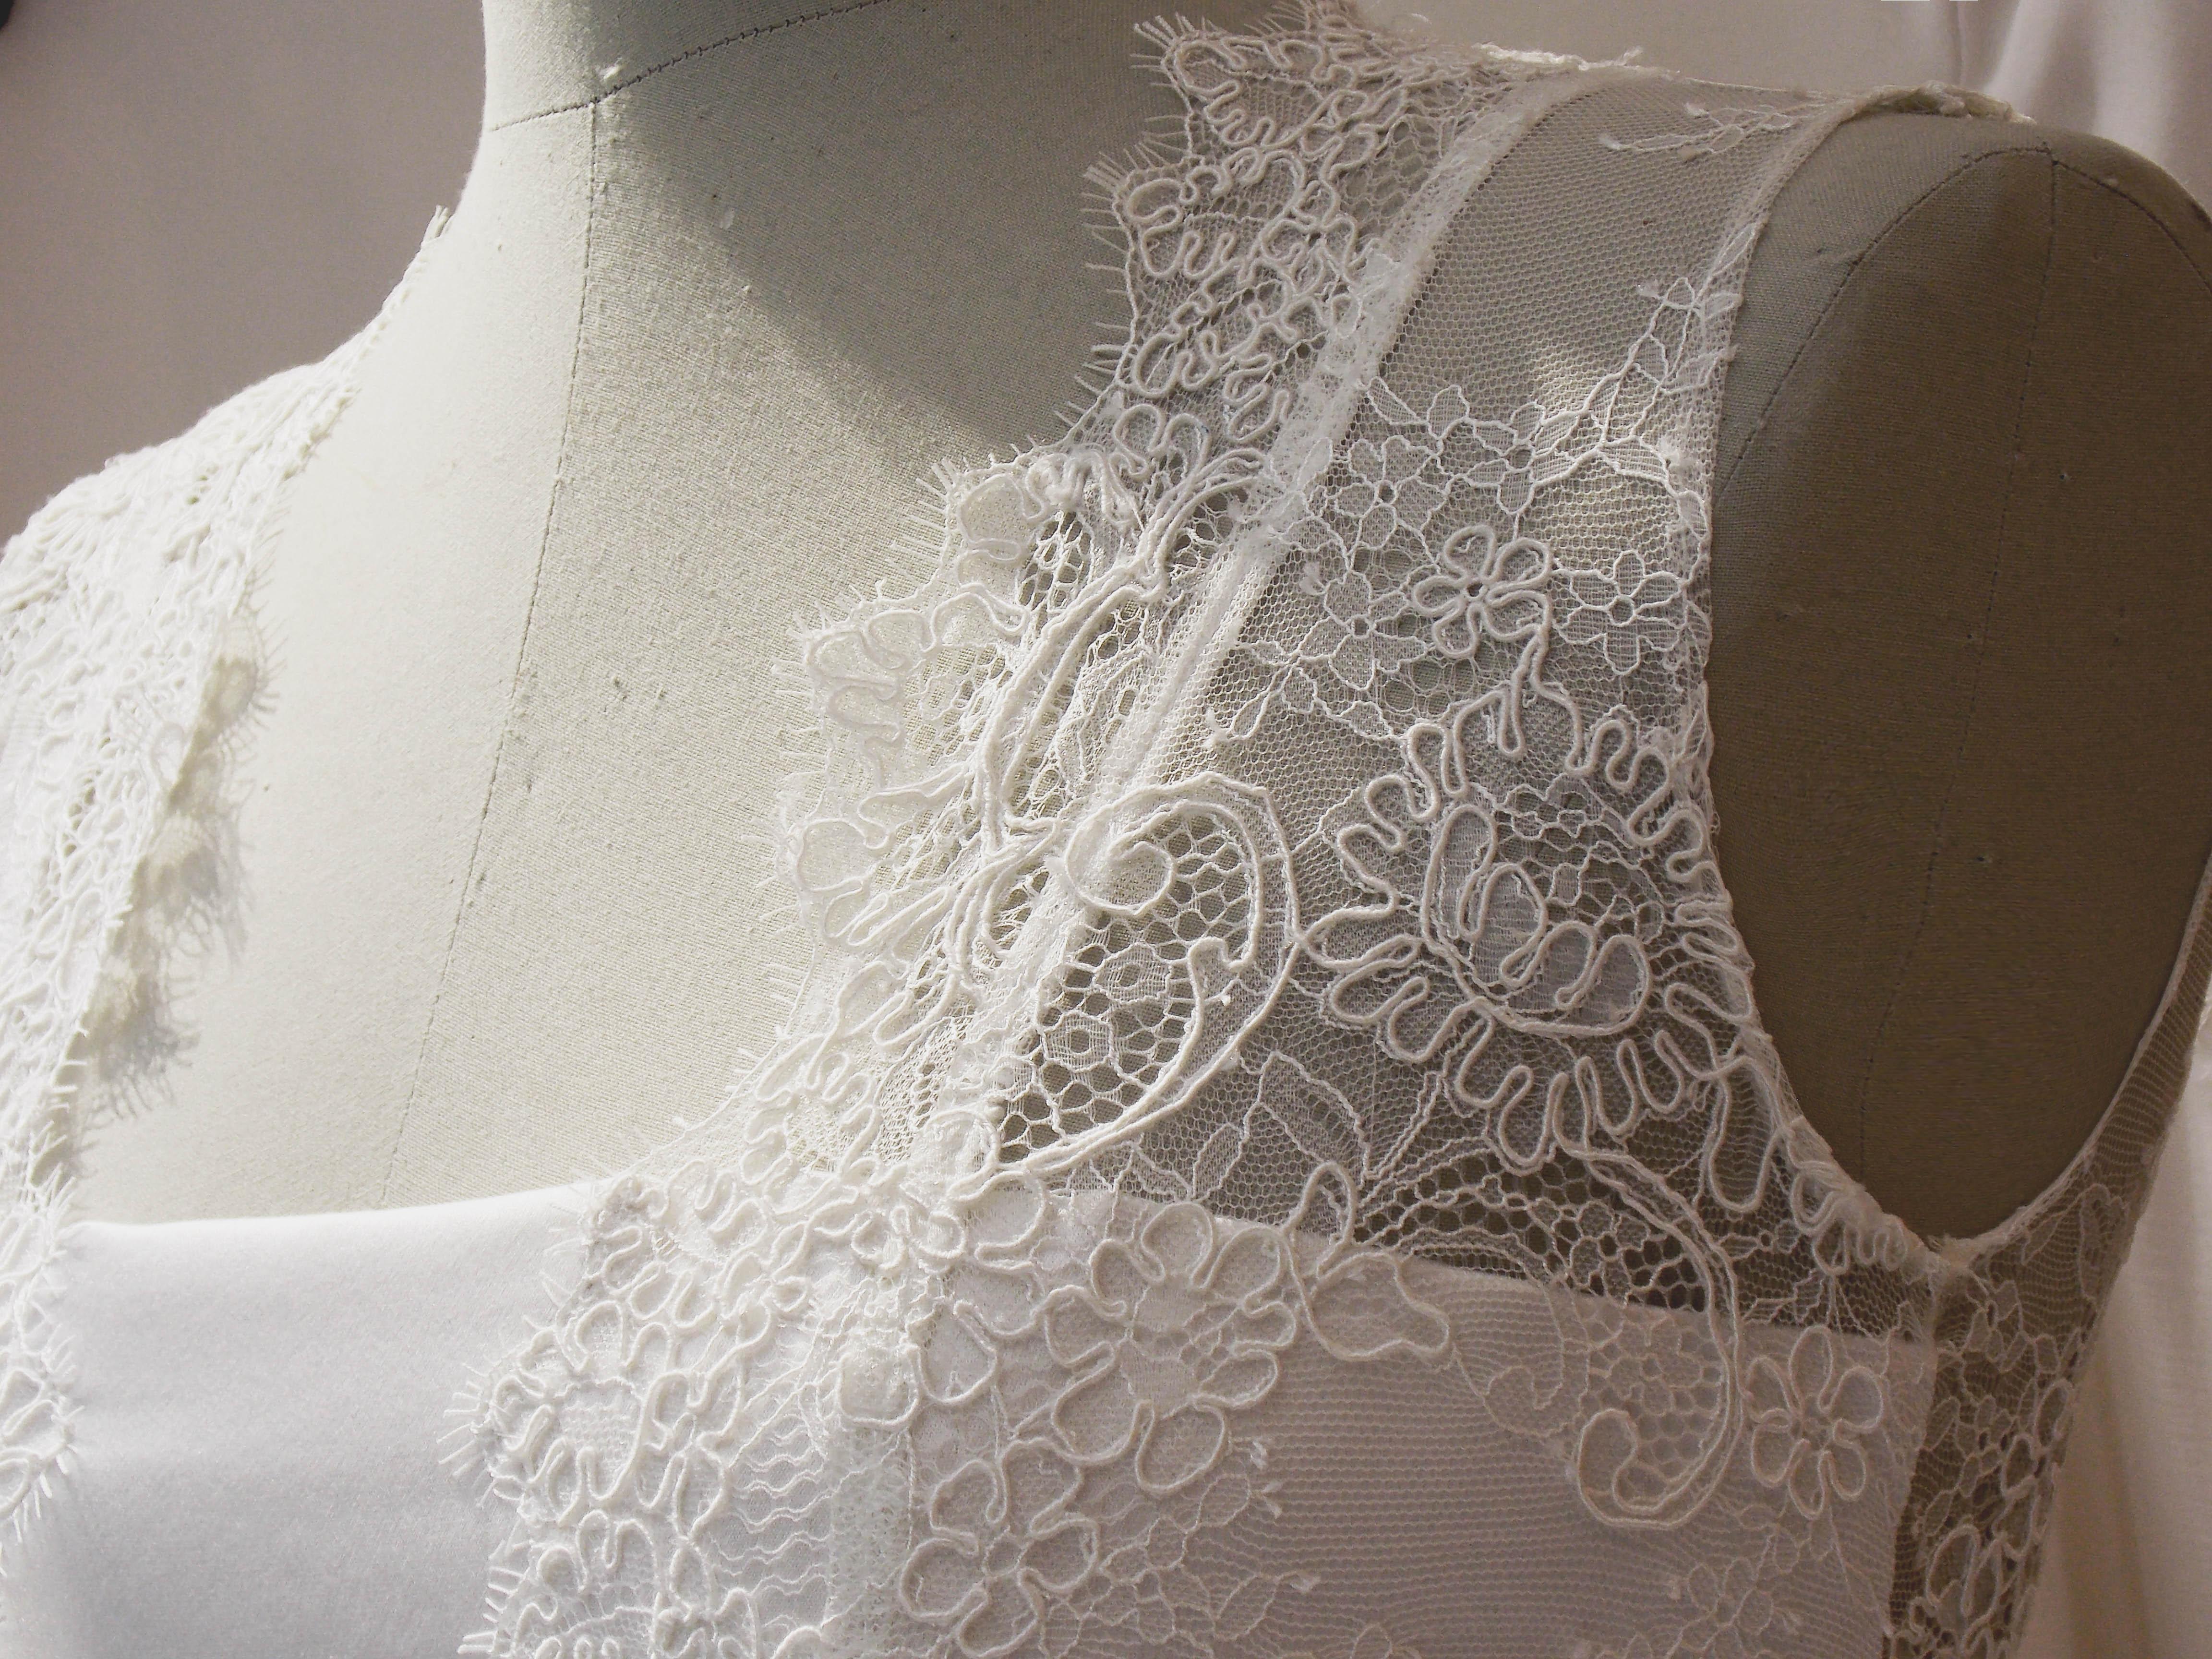 Caroline Takvorian, ses robes de mariée, sa marque de fabrique.